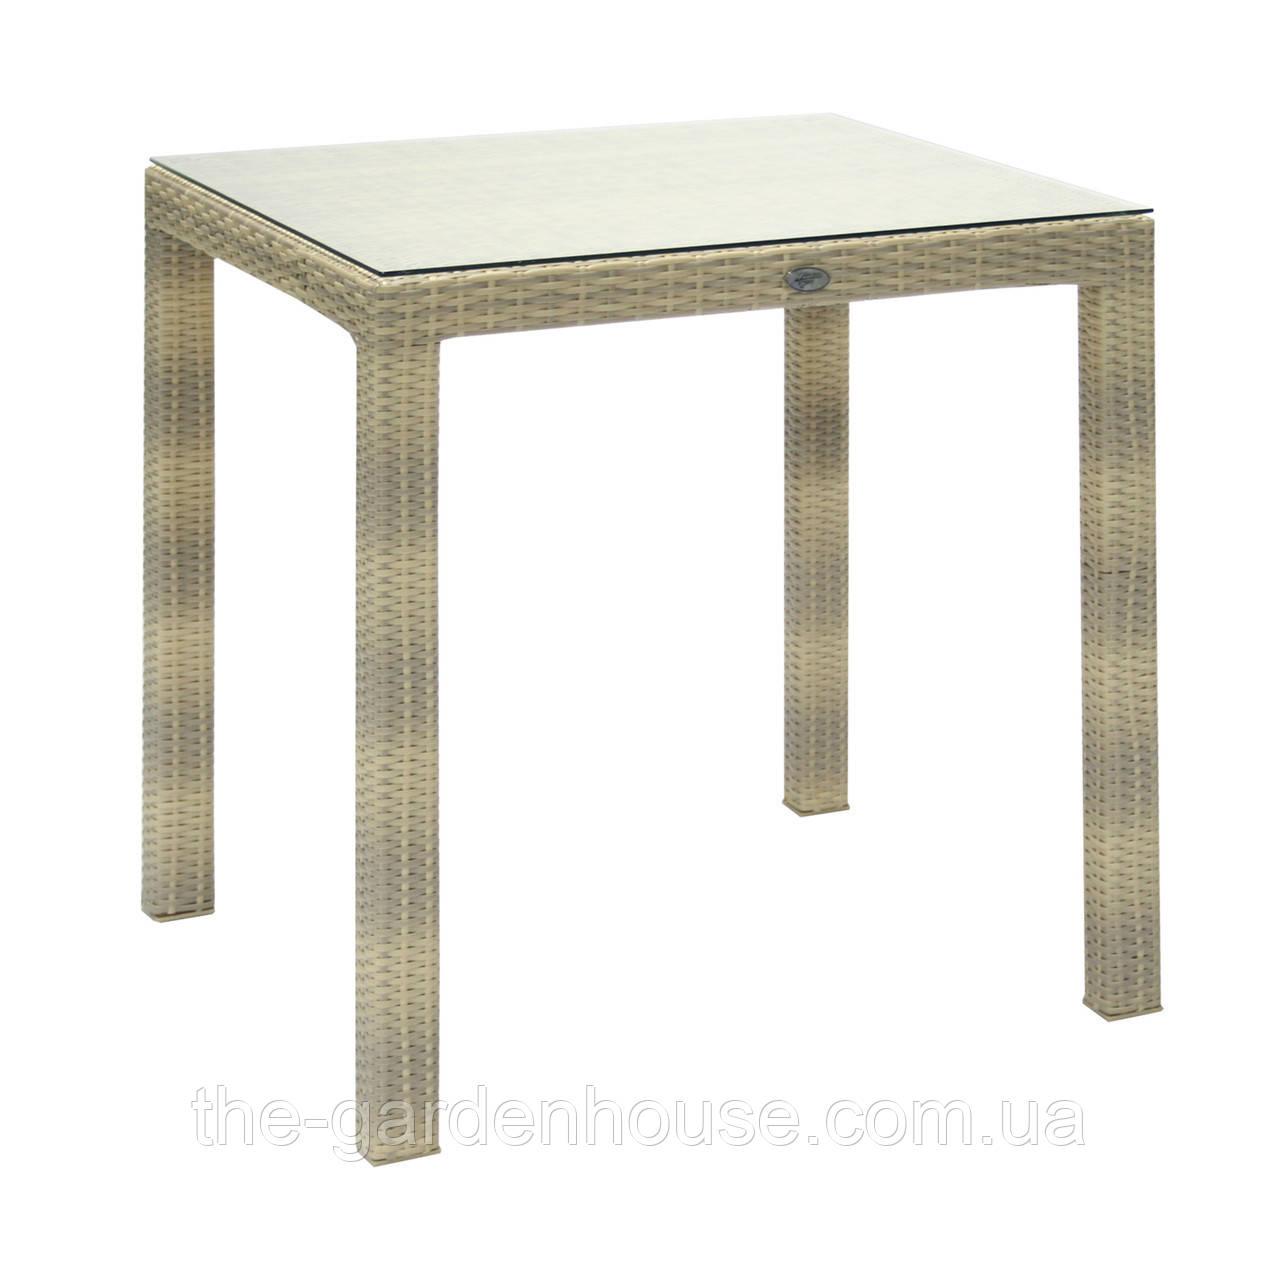 Обідній стіл Wicker з штучного ротанга 73х73 см світло-бежевий